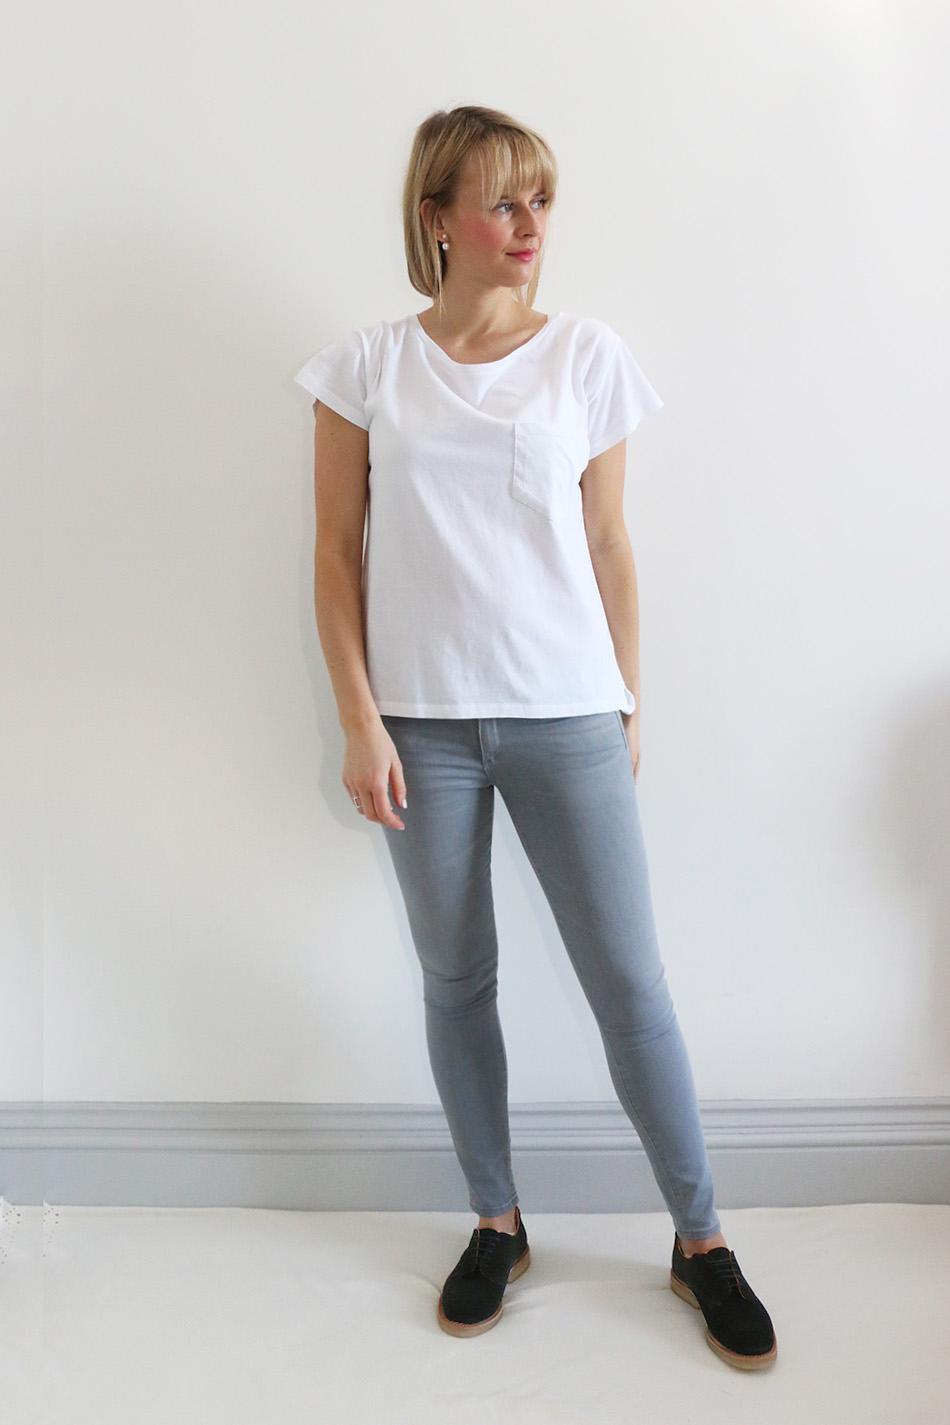 Fringe and Doll Back to basics grey and white IMG_8999